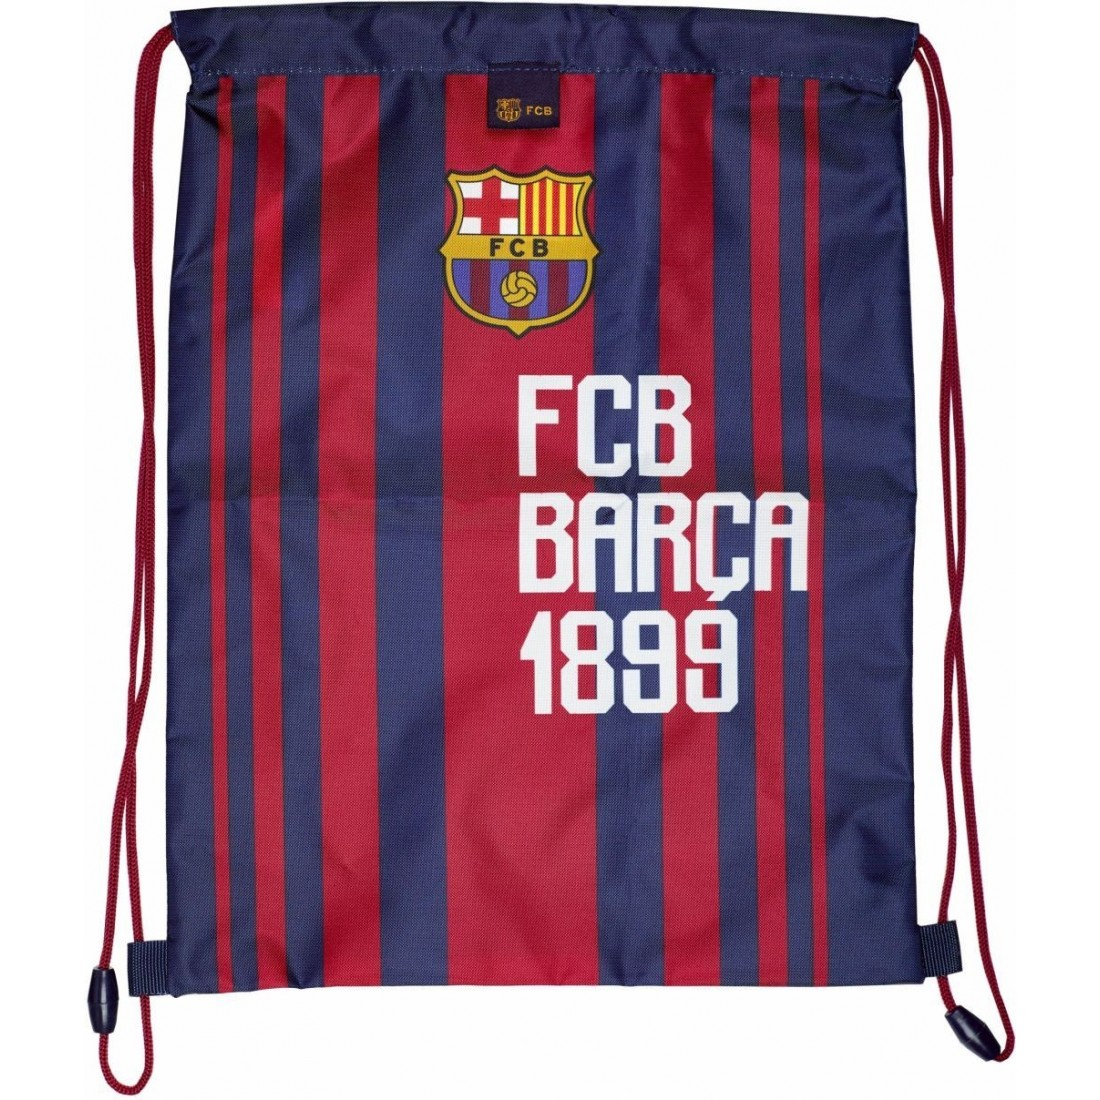 6203910717c64 Worek szkolny na buty   WF FC Barcelona Barca w granatowe paski - FC ...